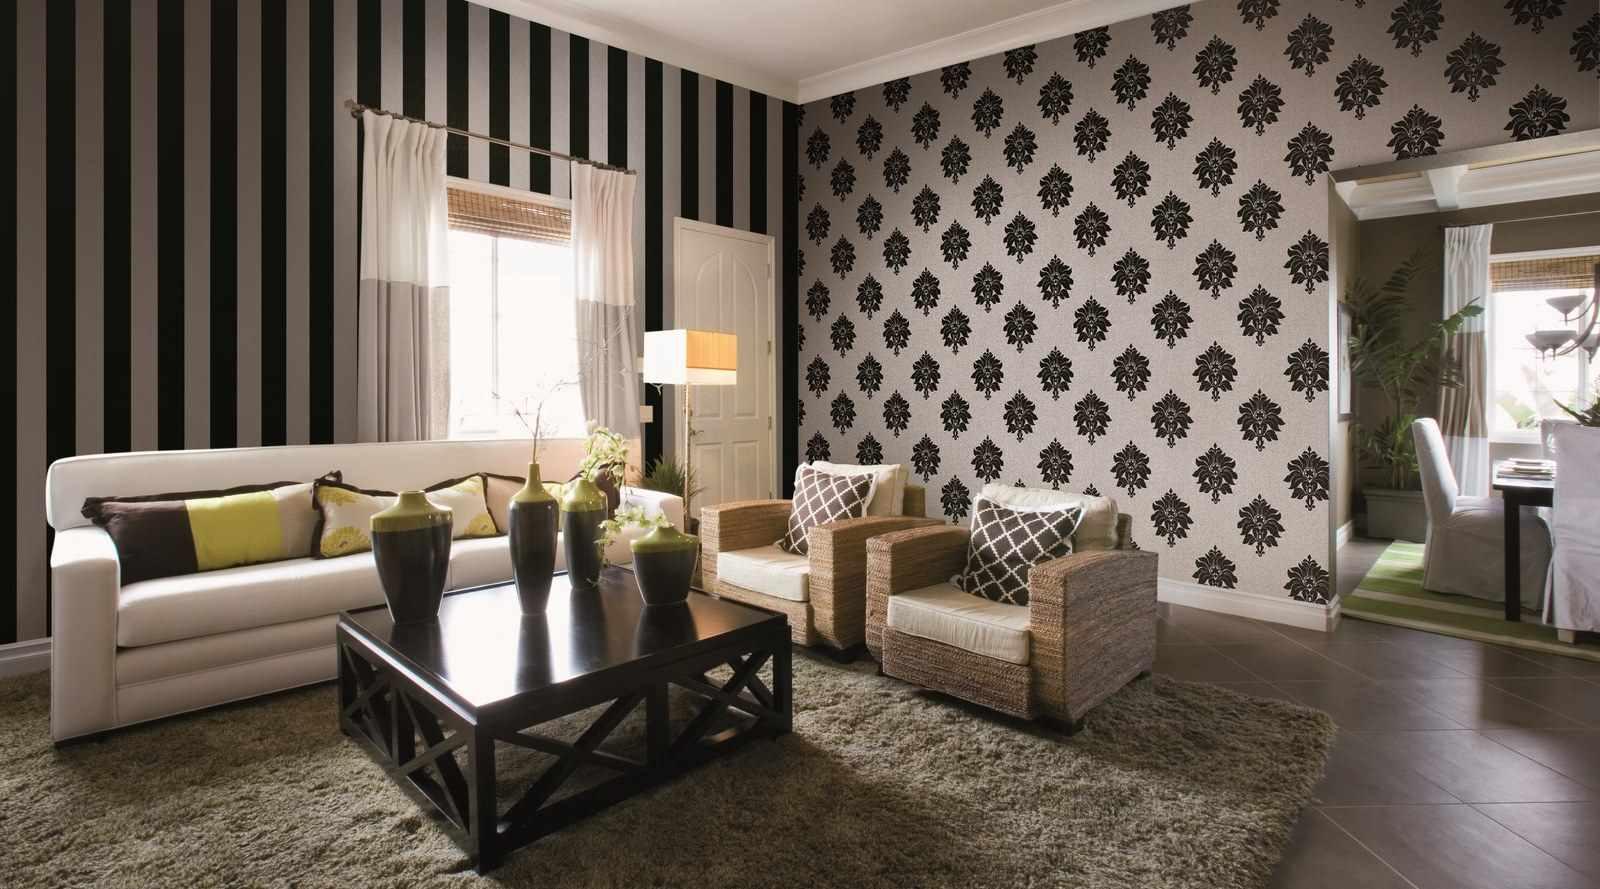 пример яркого дизайна обоев для гостиной